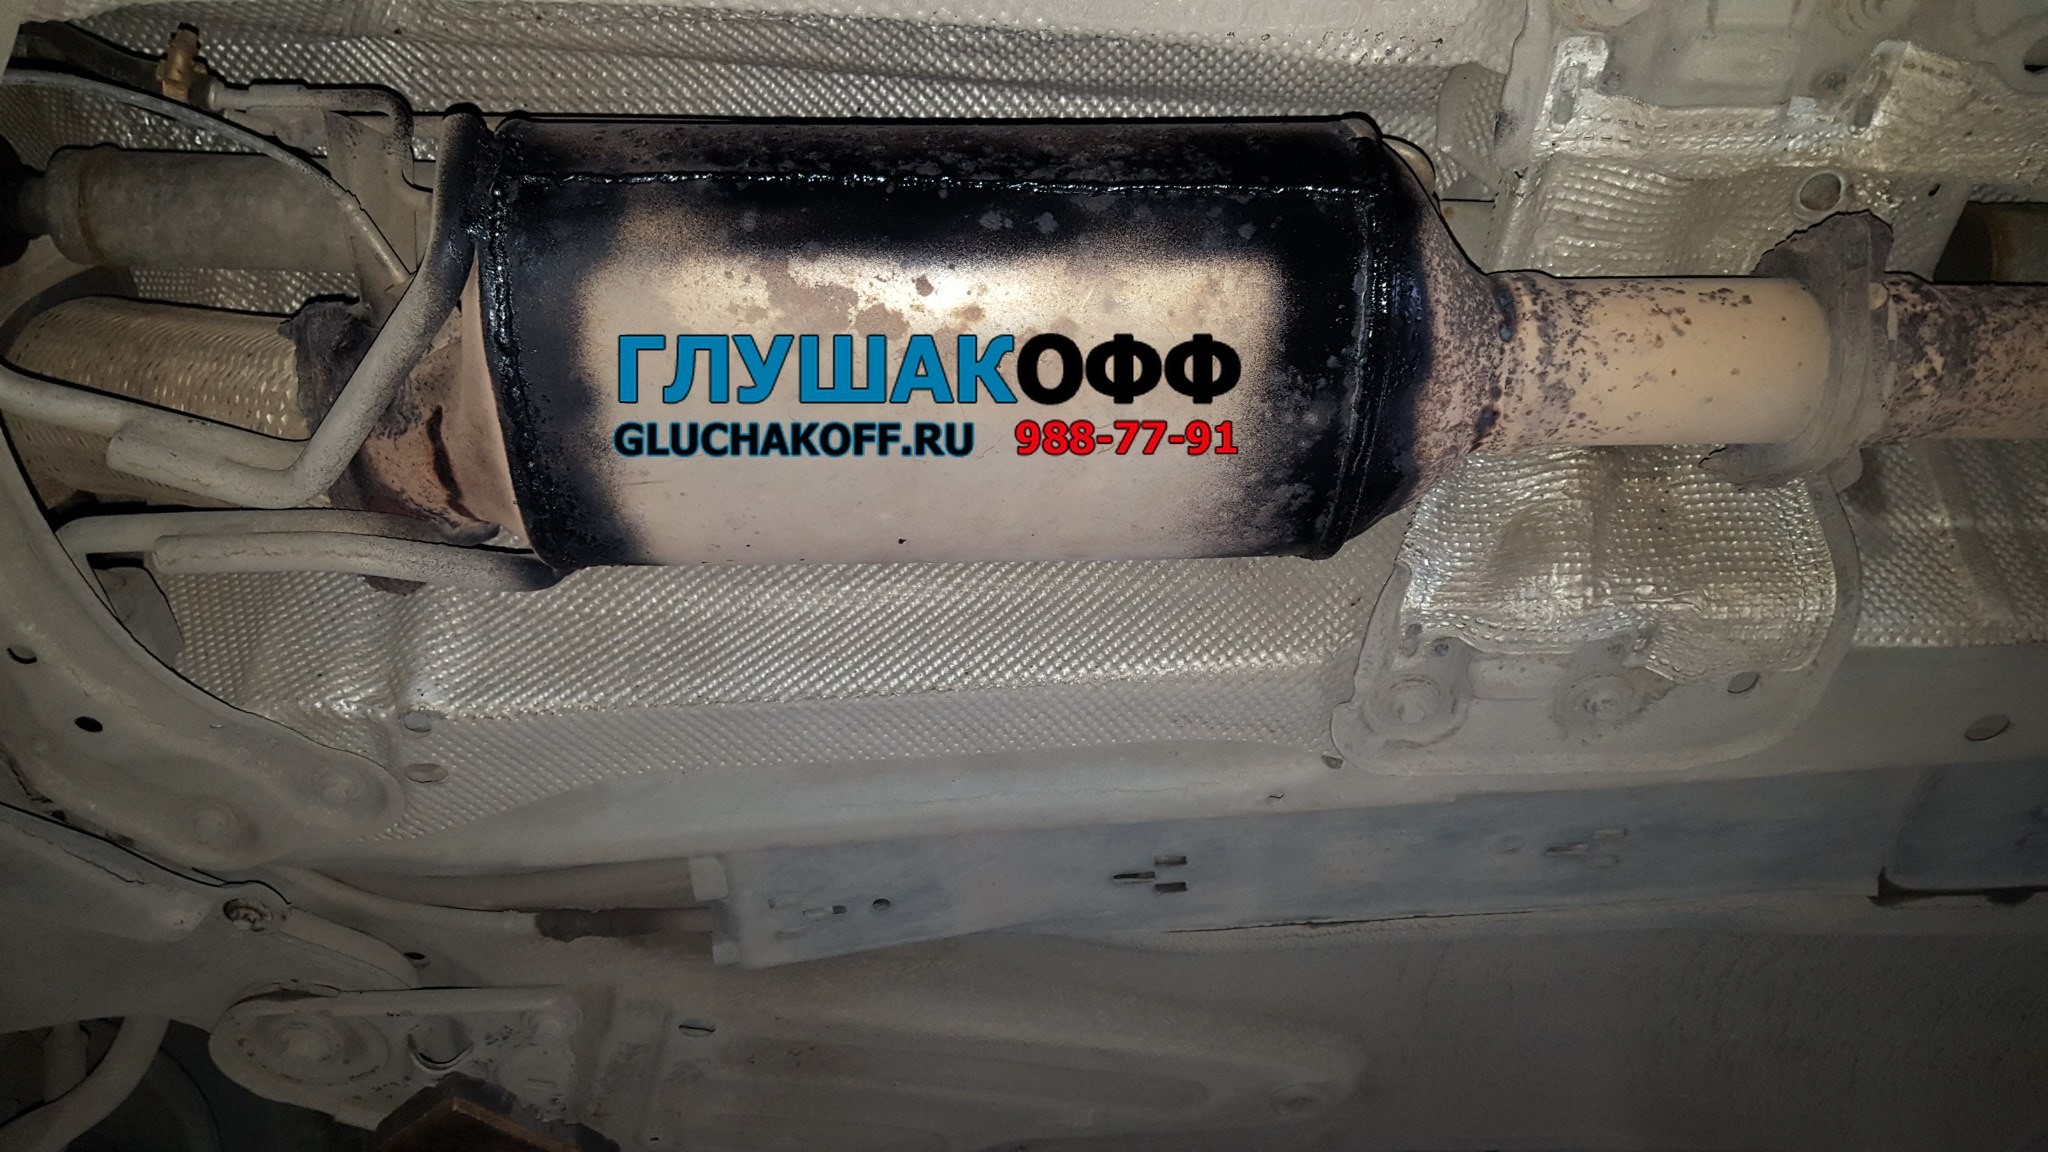 Удаление сажевого фильтра на VOLVO XC-90 в СПБ + чип-тюнинг